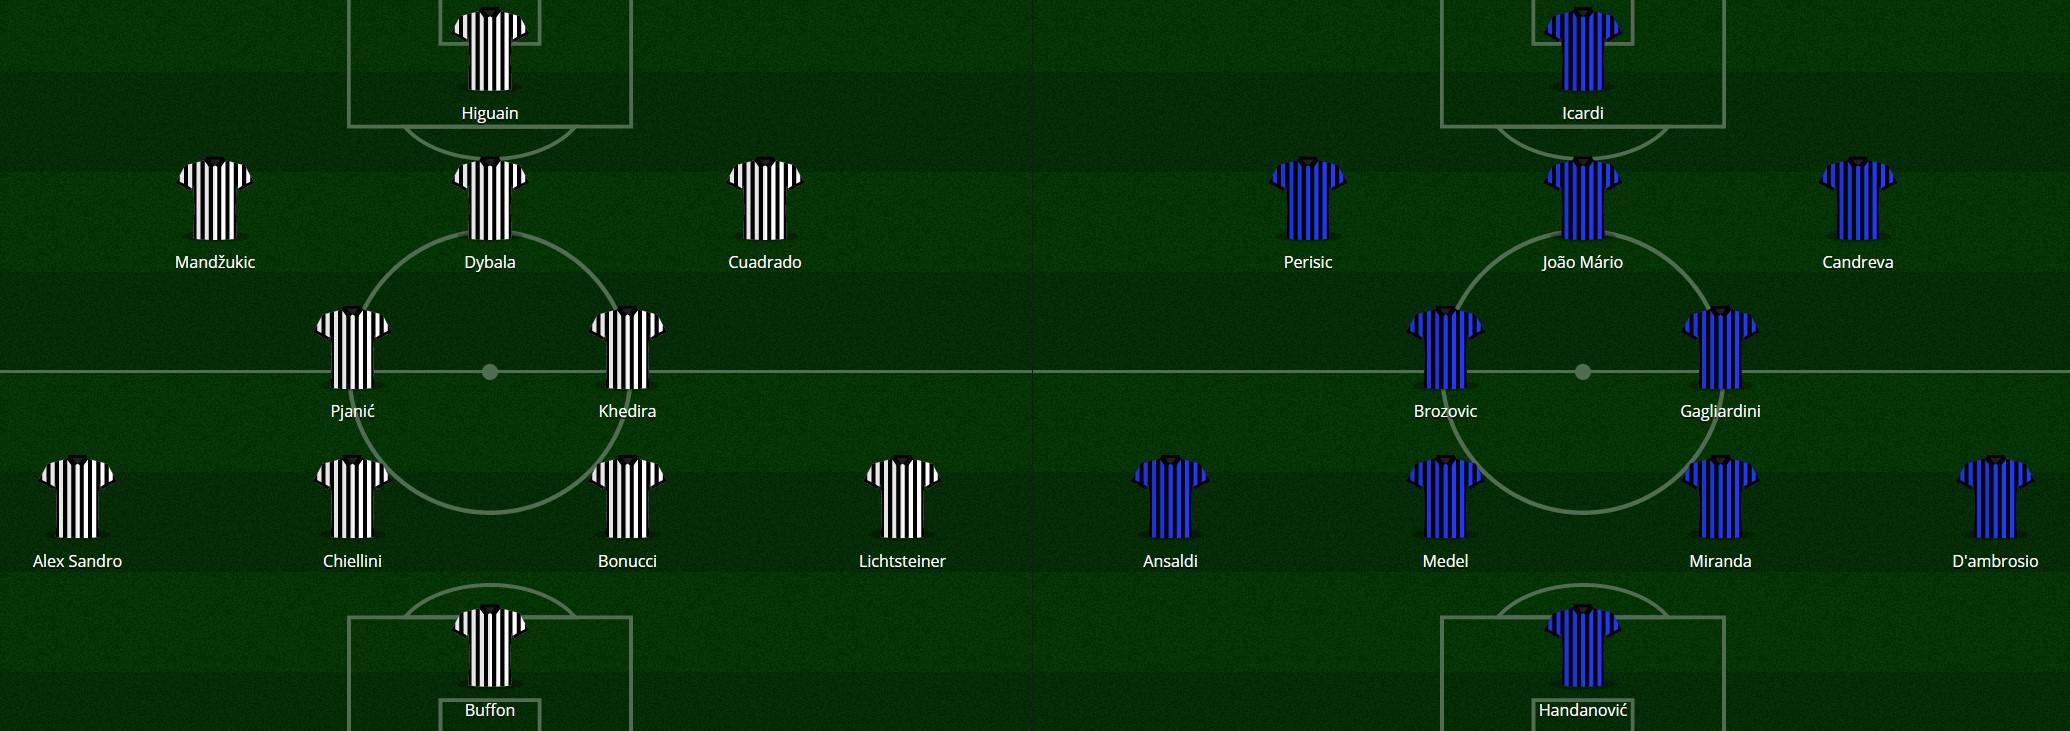 Le probabili formazioni di Juventus e Inter